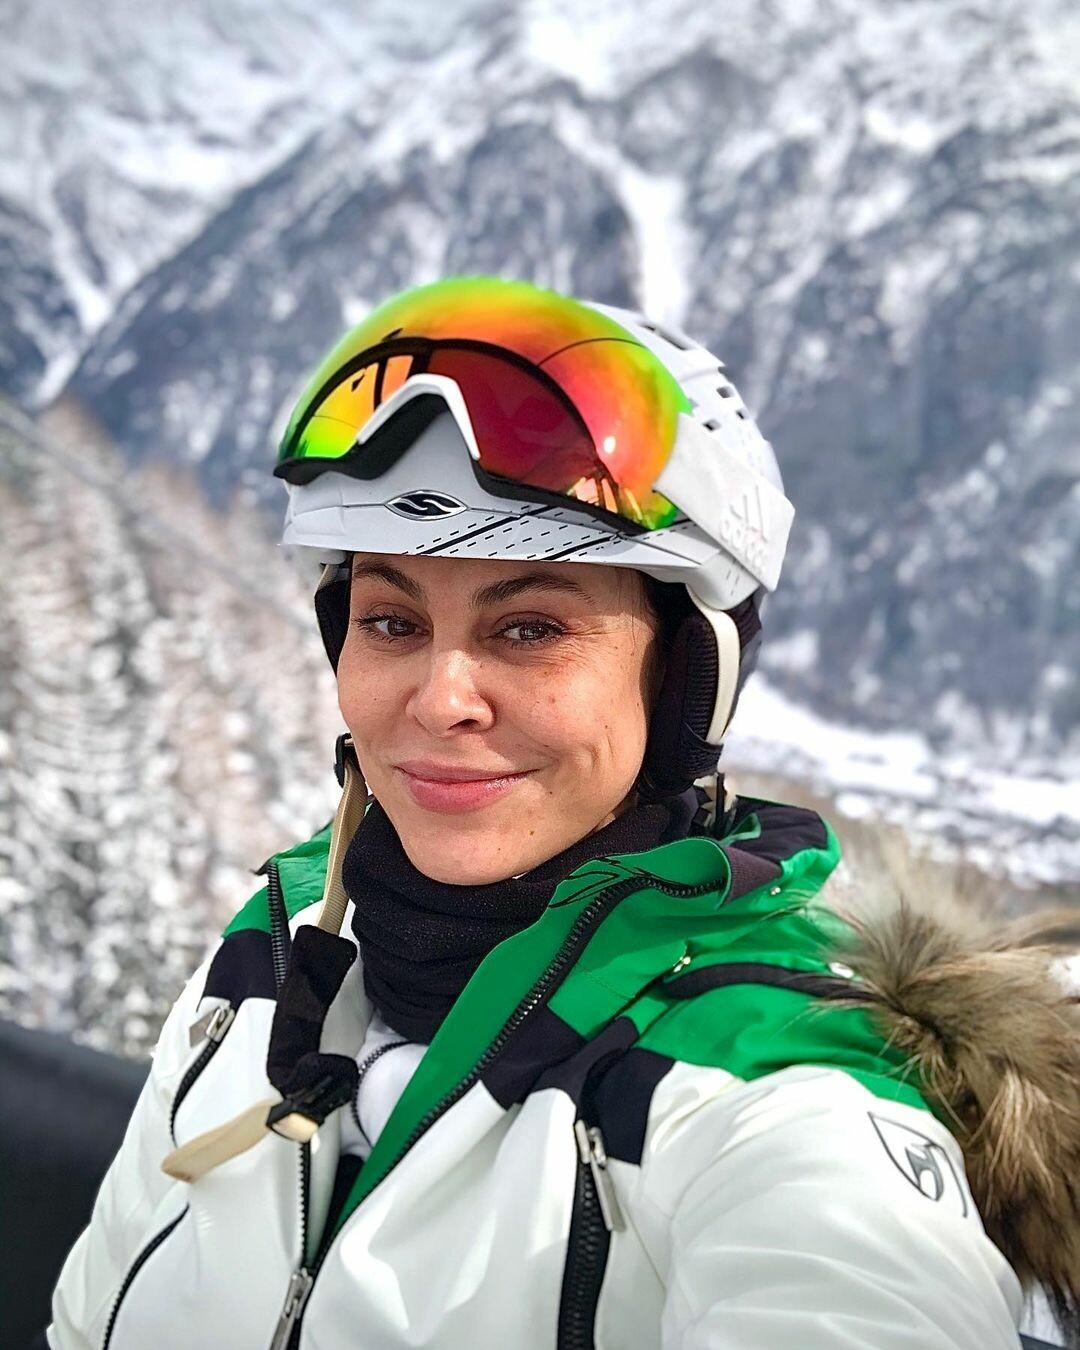 Наталья Кличко в соблазнительной позе. Первое фото жены мэра Киева в  47 лет